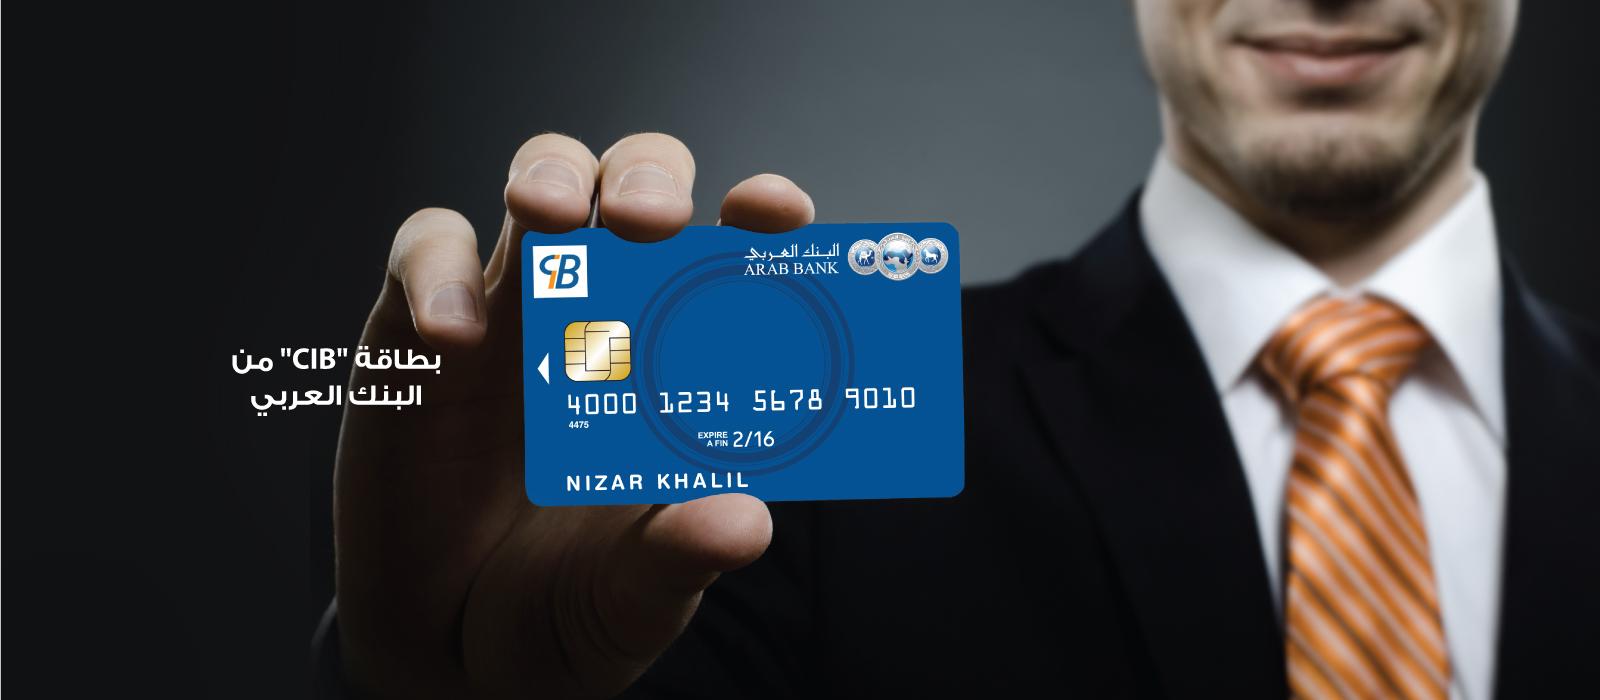 CIB-Card-1600x700-A